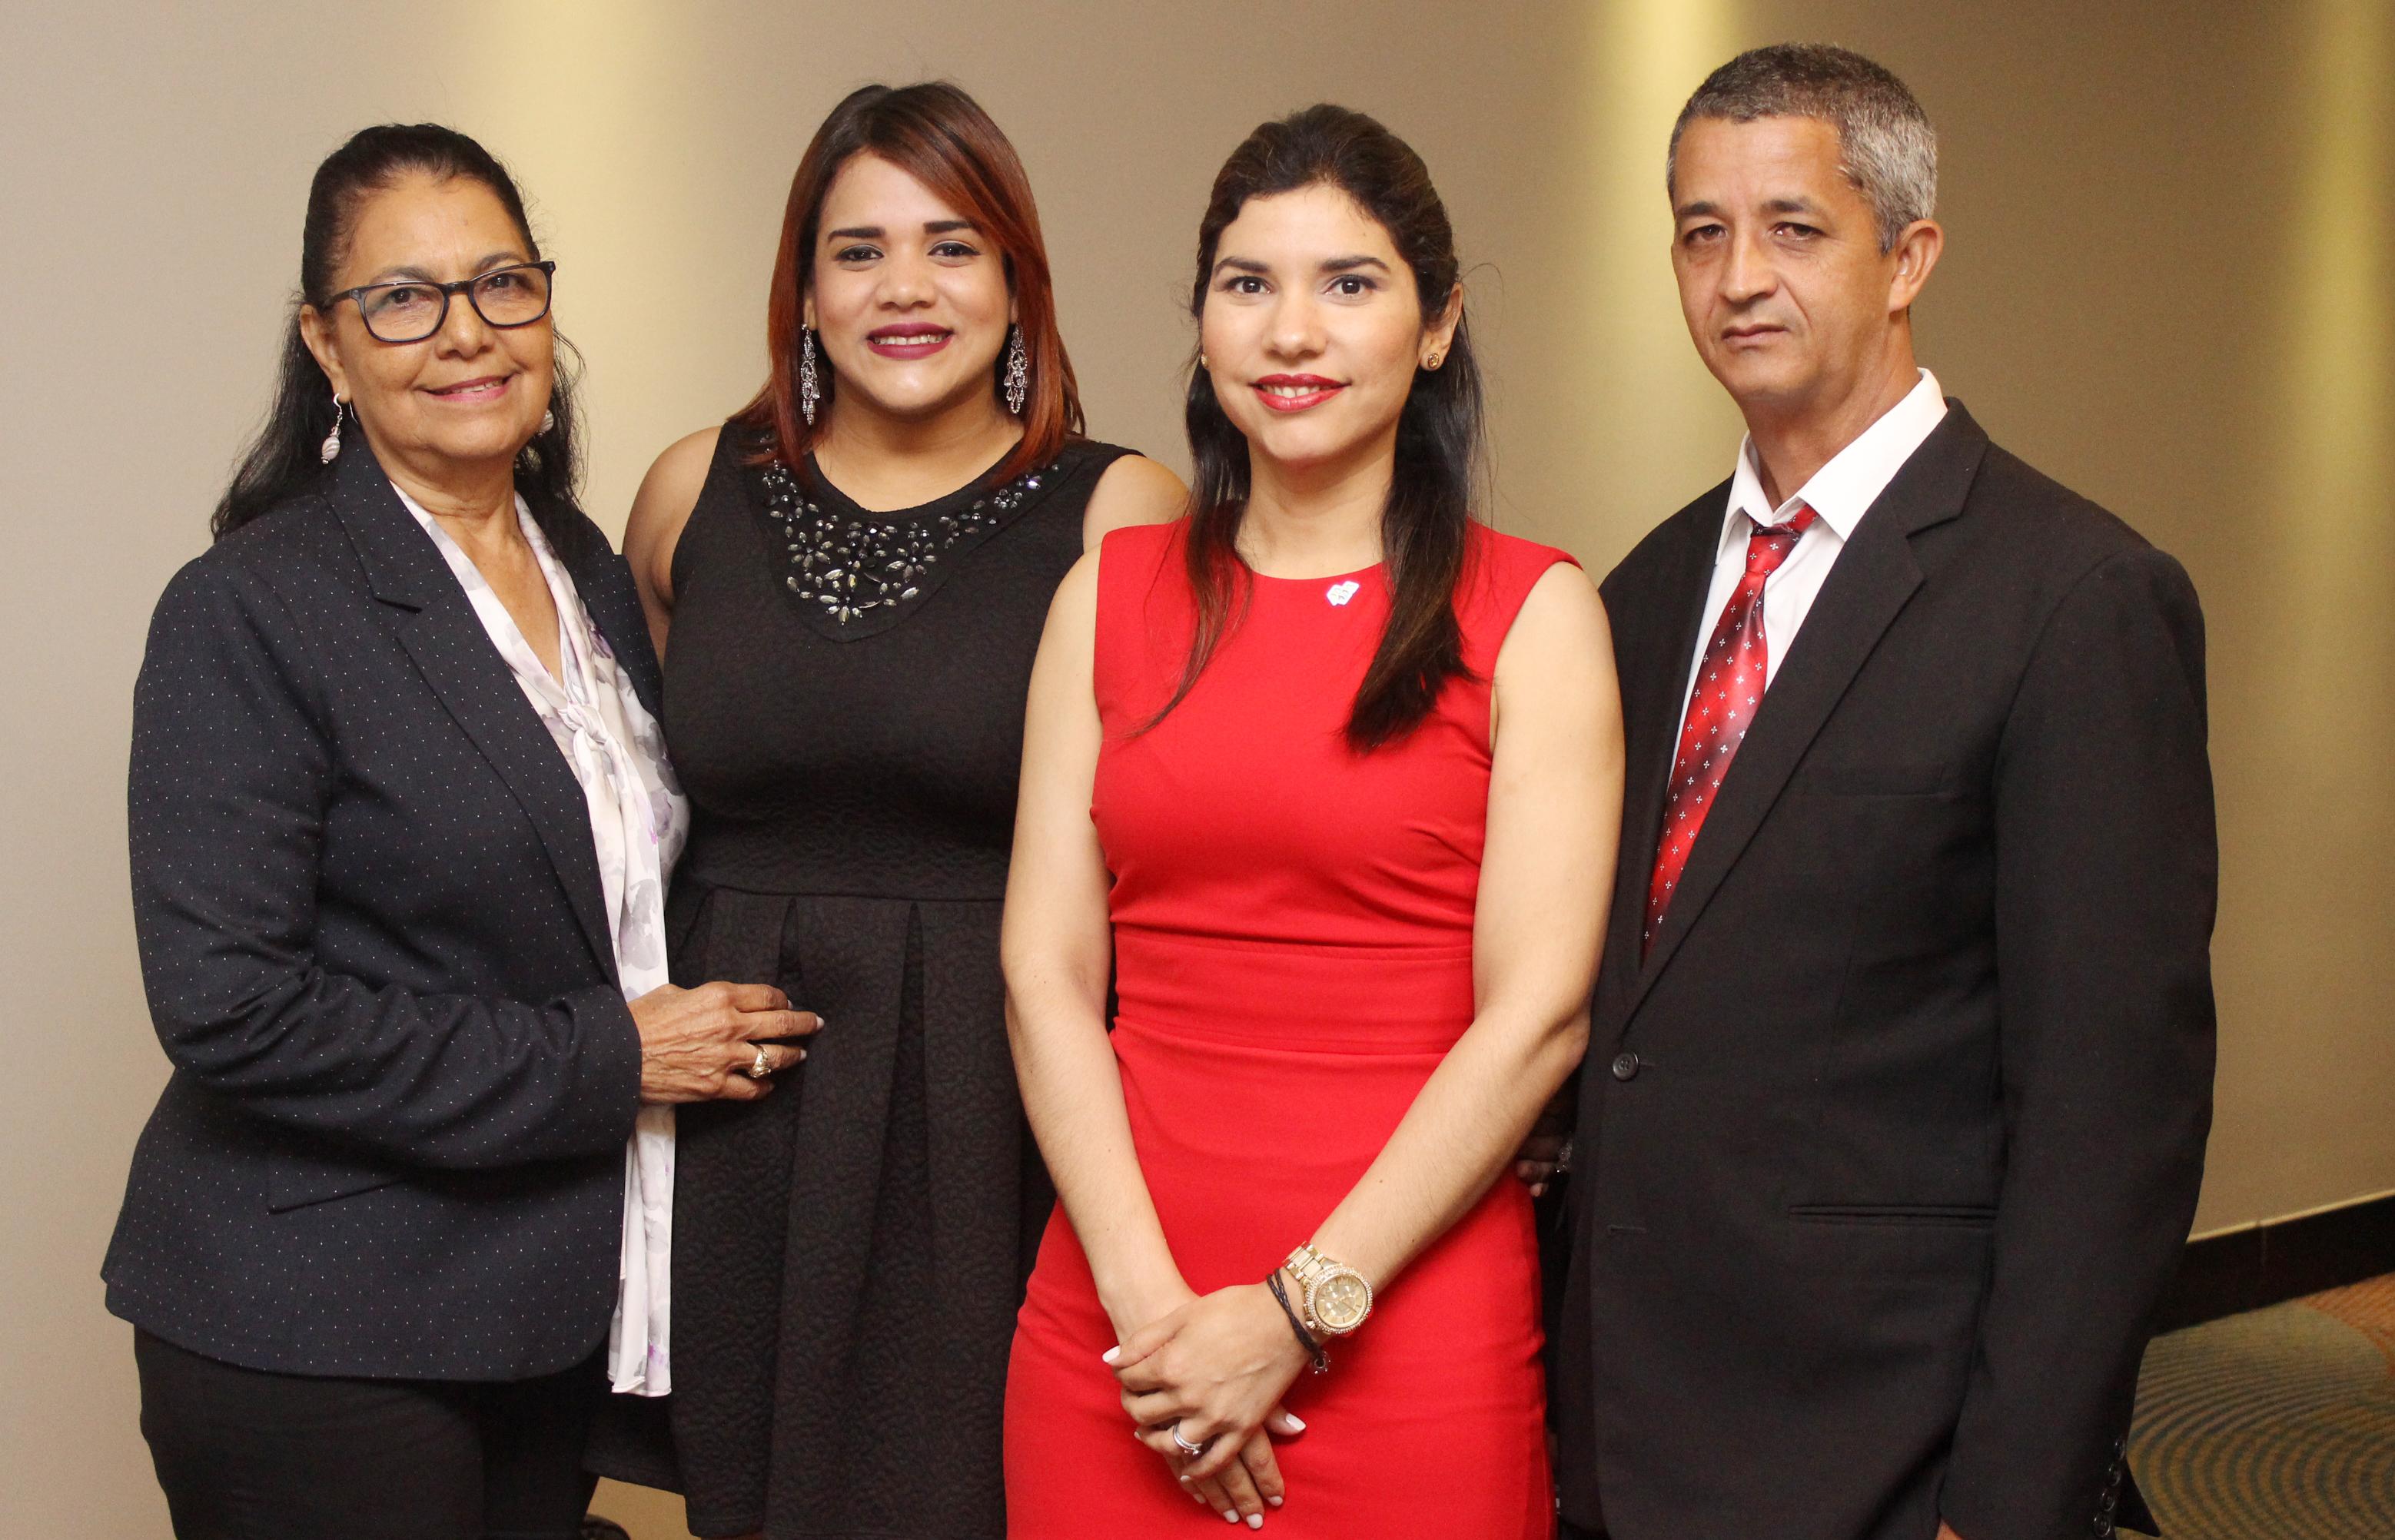 La coach Nurys Rosario, Edilís López , presidenta del Distrito Cooperativo 29; Enovi Bueno, gerente de la sucursal Santo Domingo de COOPSANO y Félix Tejada, encargado de Educación de la cooperativa.